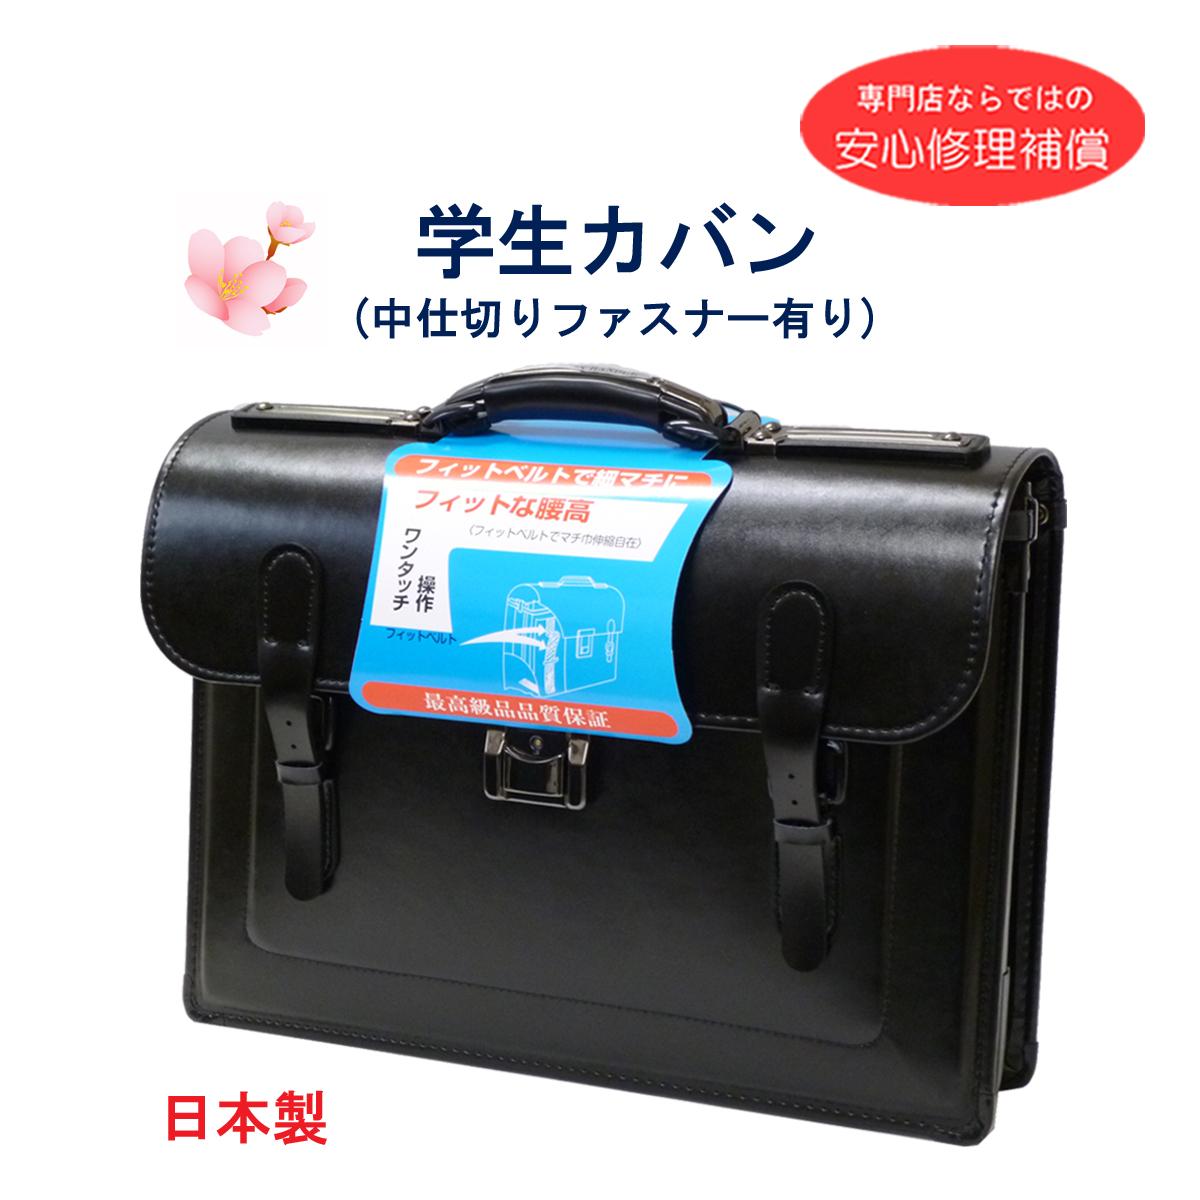 日本製 学生カバン 学生かばん 学生鞄 手提げリーダー 通学カバン 黒カバン c マチ幅伸縮可能 即日発送 13000